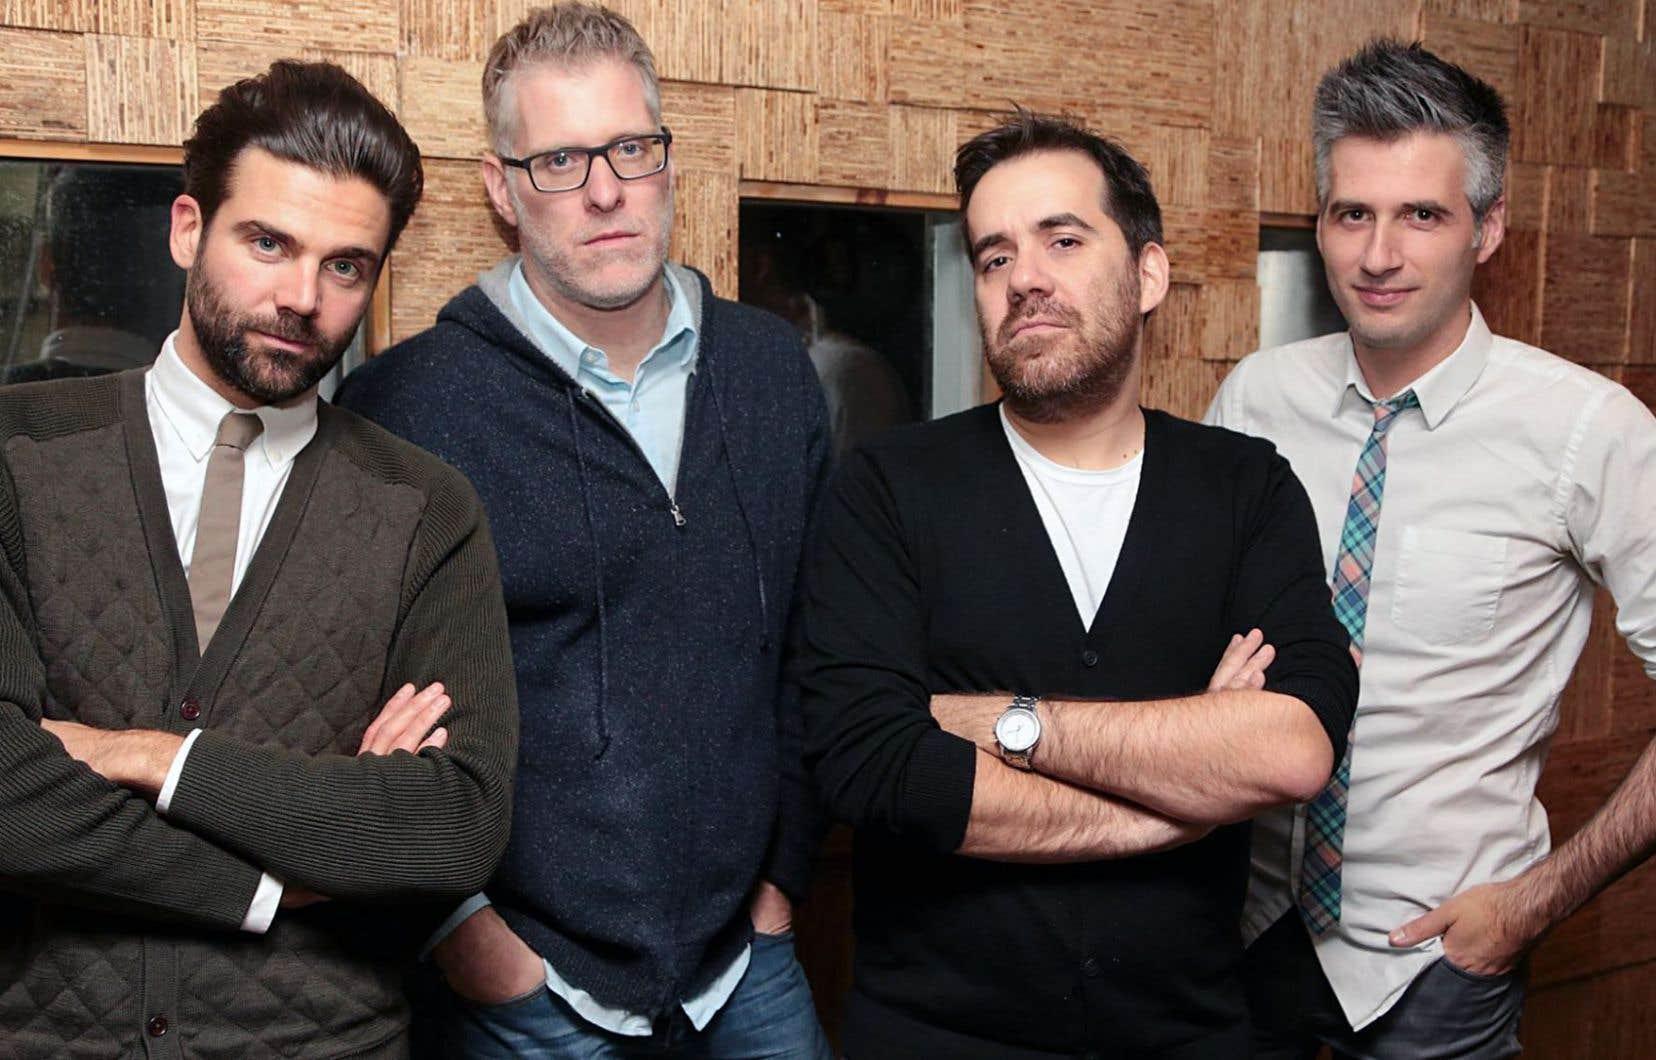 Jean-Philippe Wauthier, Fred Savard, Jean-Sébastien Girard et Olivier Niquet